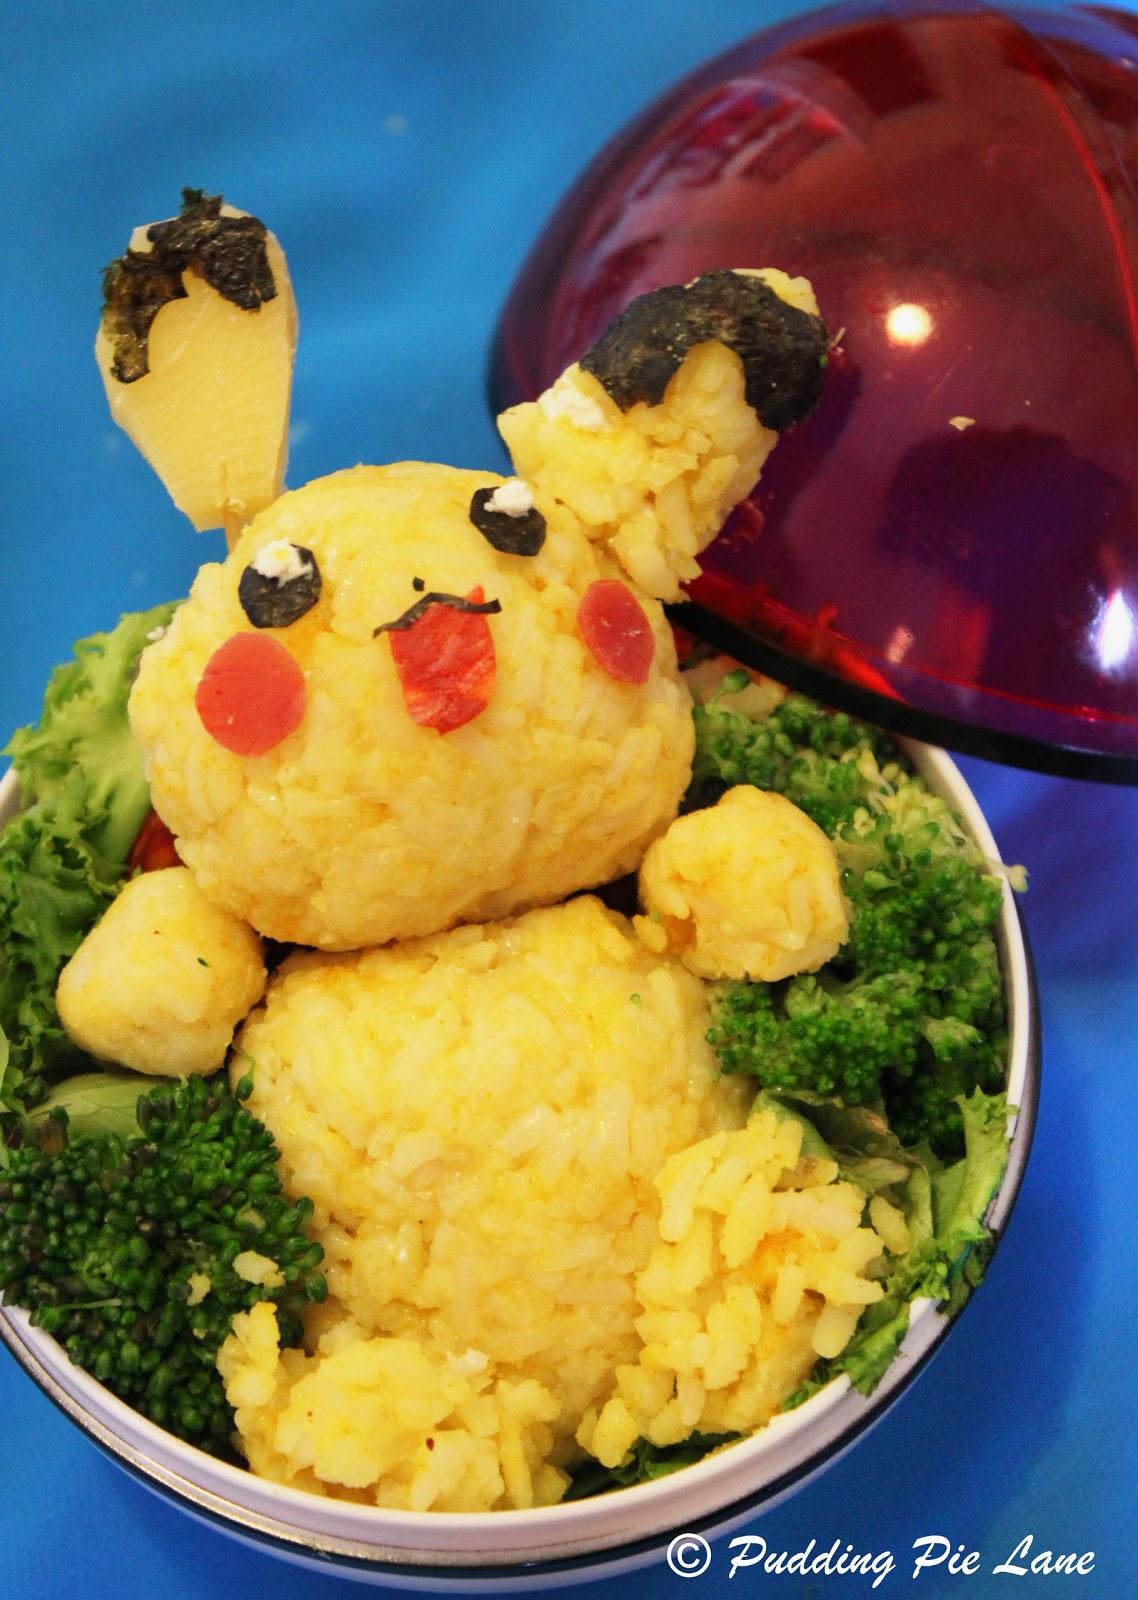 Pudding Pie Lane Bento Box Pikachu